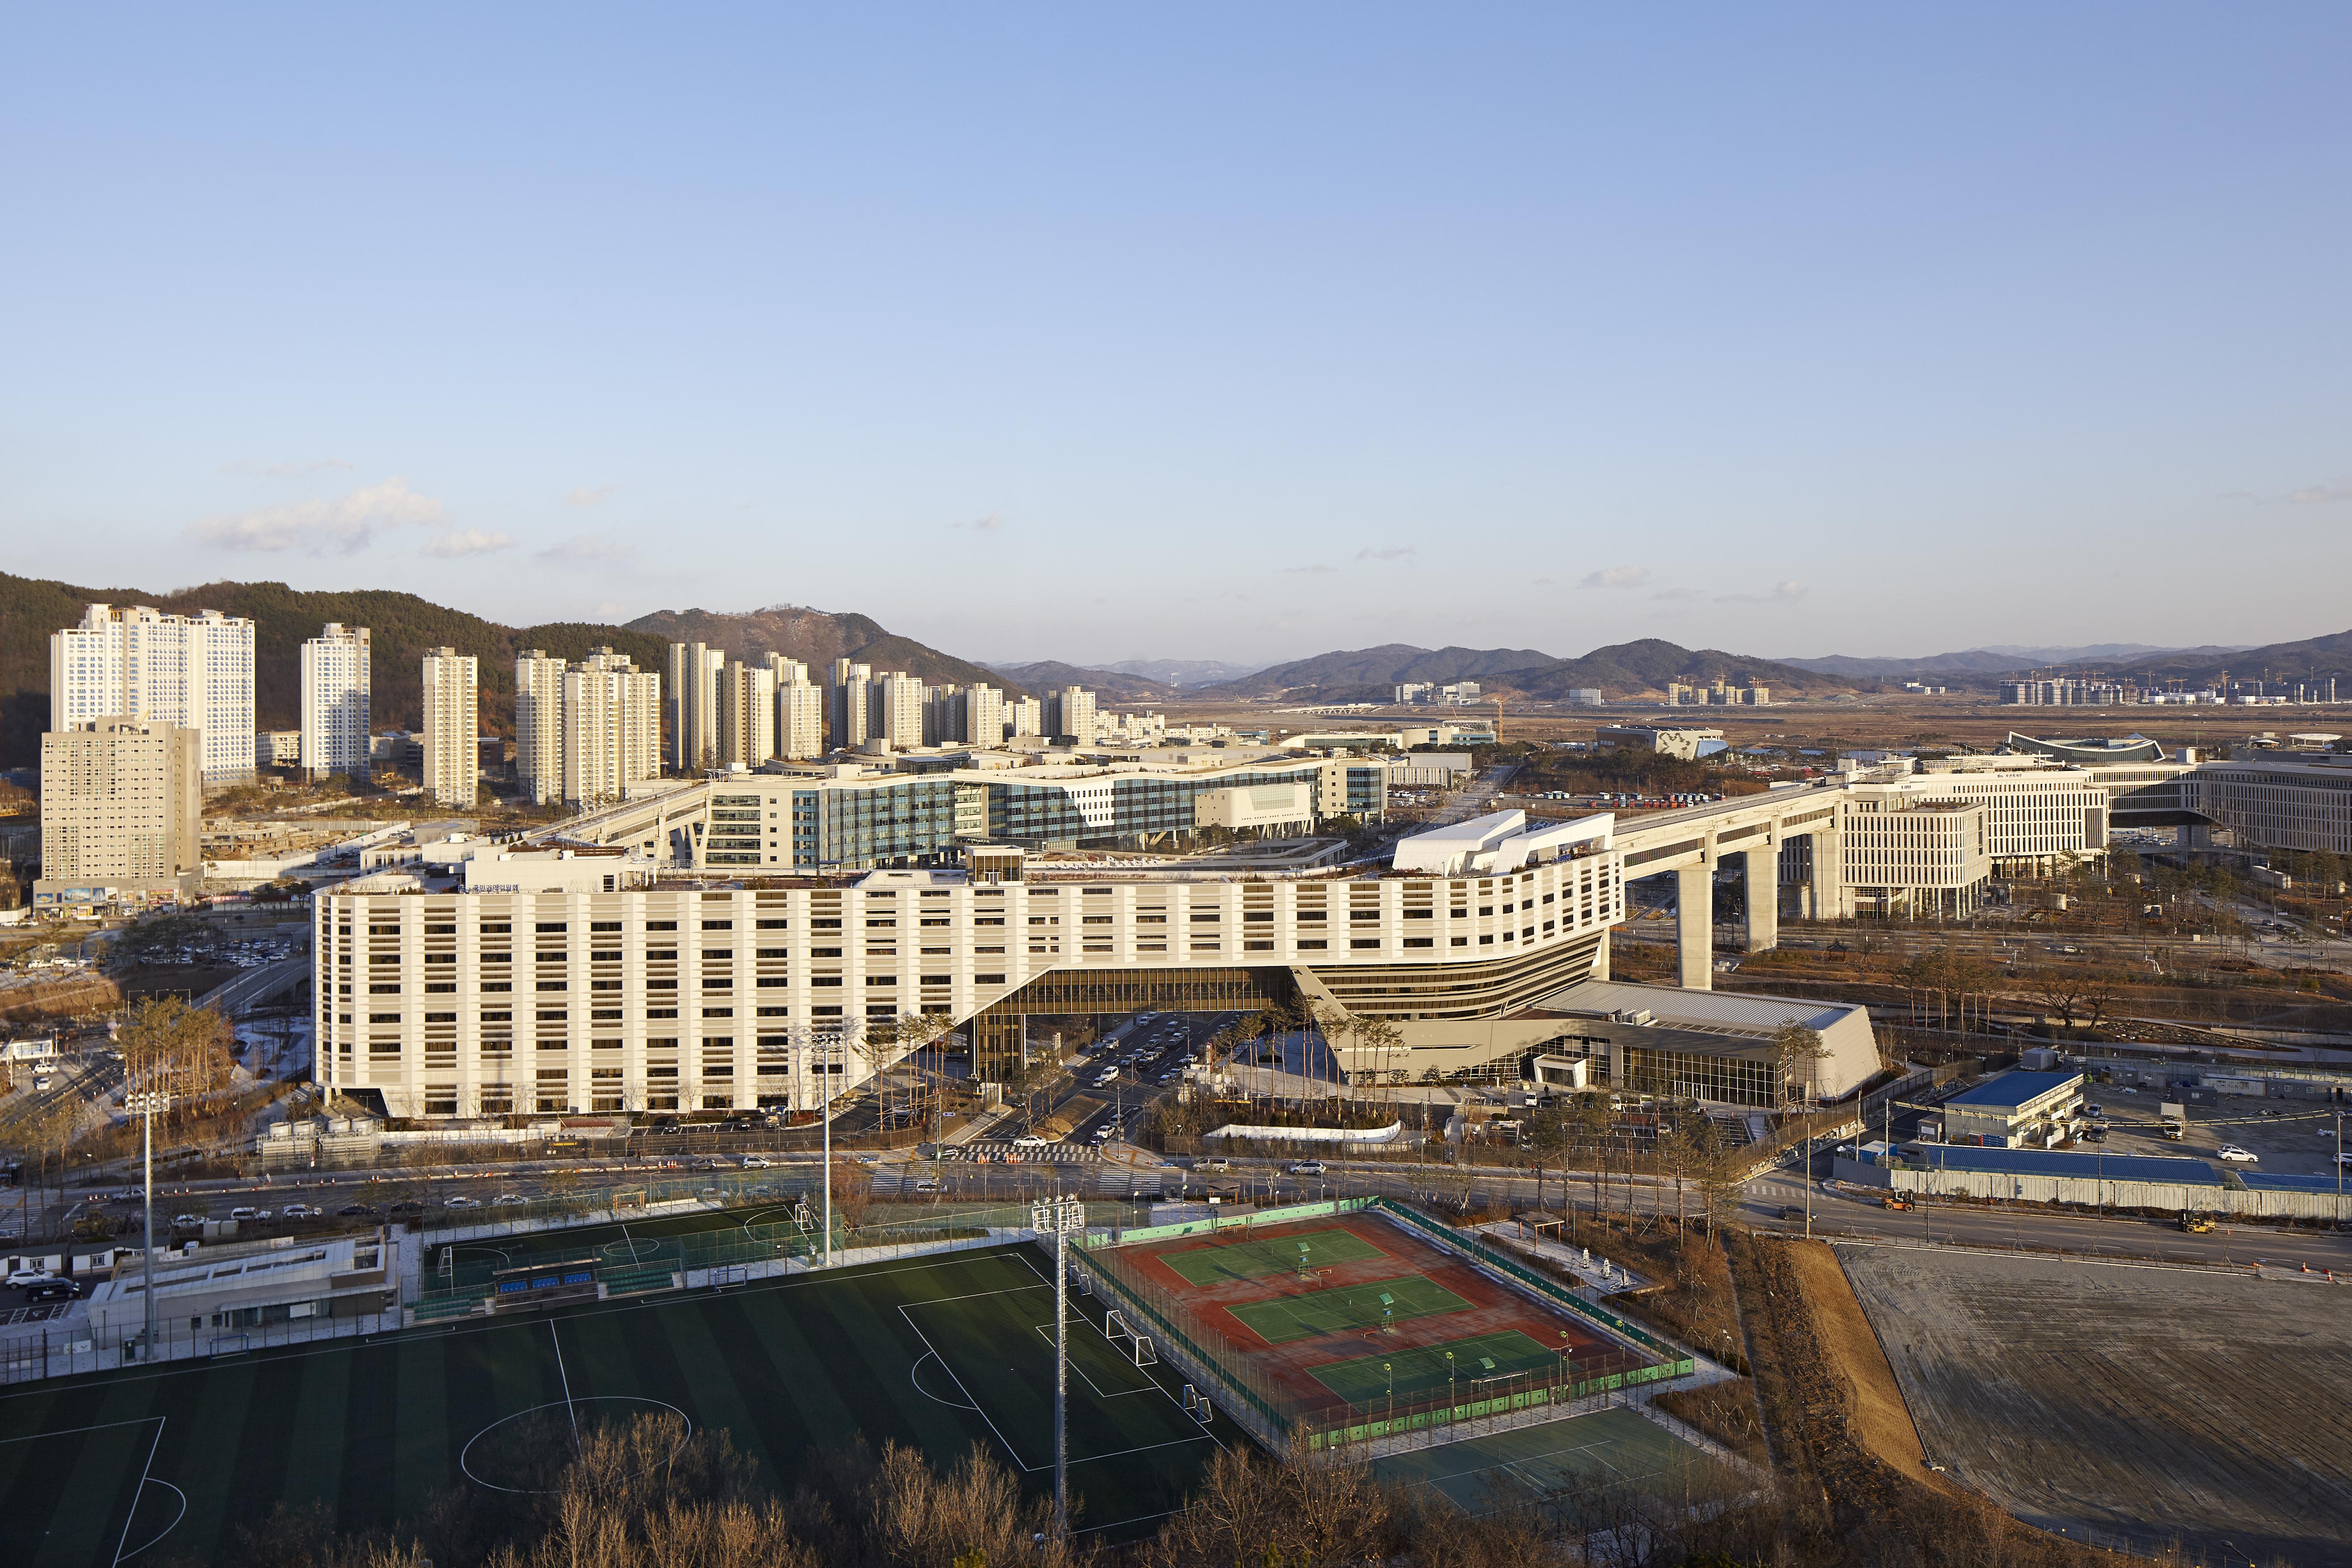 〔안정원의 건축 칼럼〕 미래형 명품도시의 모범 사례로 손꼽히는 행정중심복합도시 1